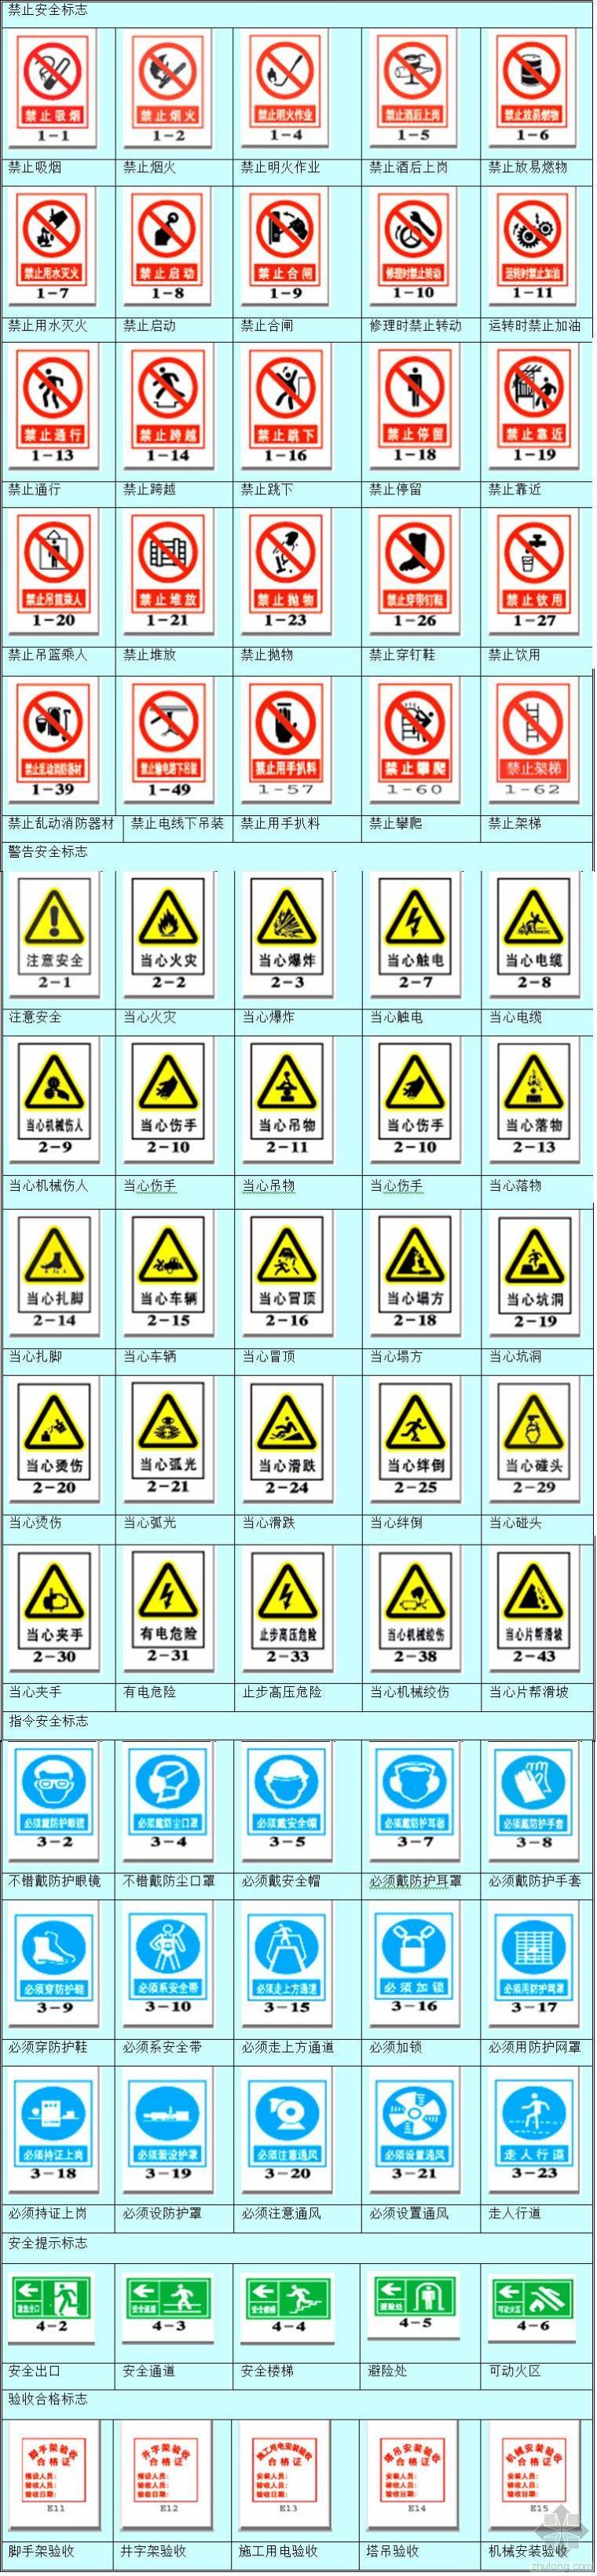 施工现场安全标志大全特全超级全